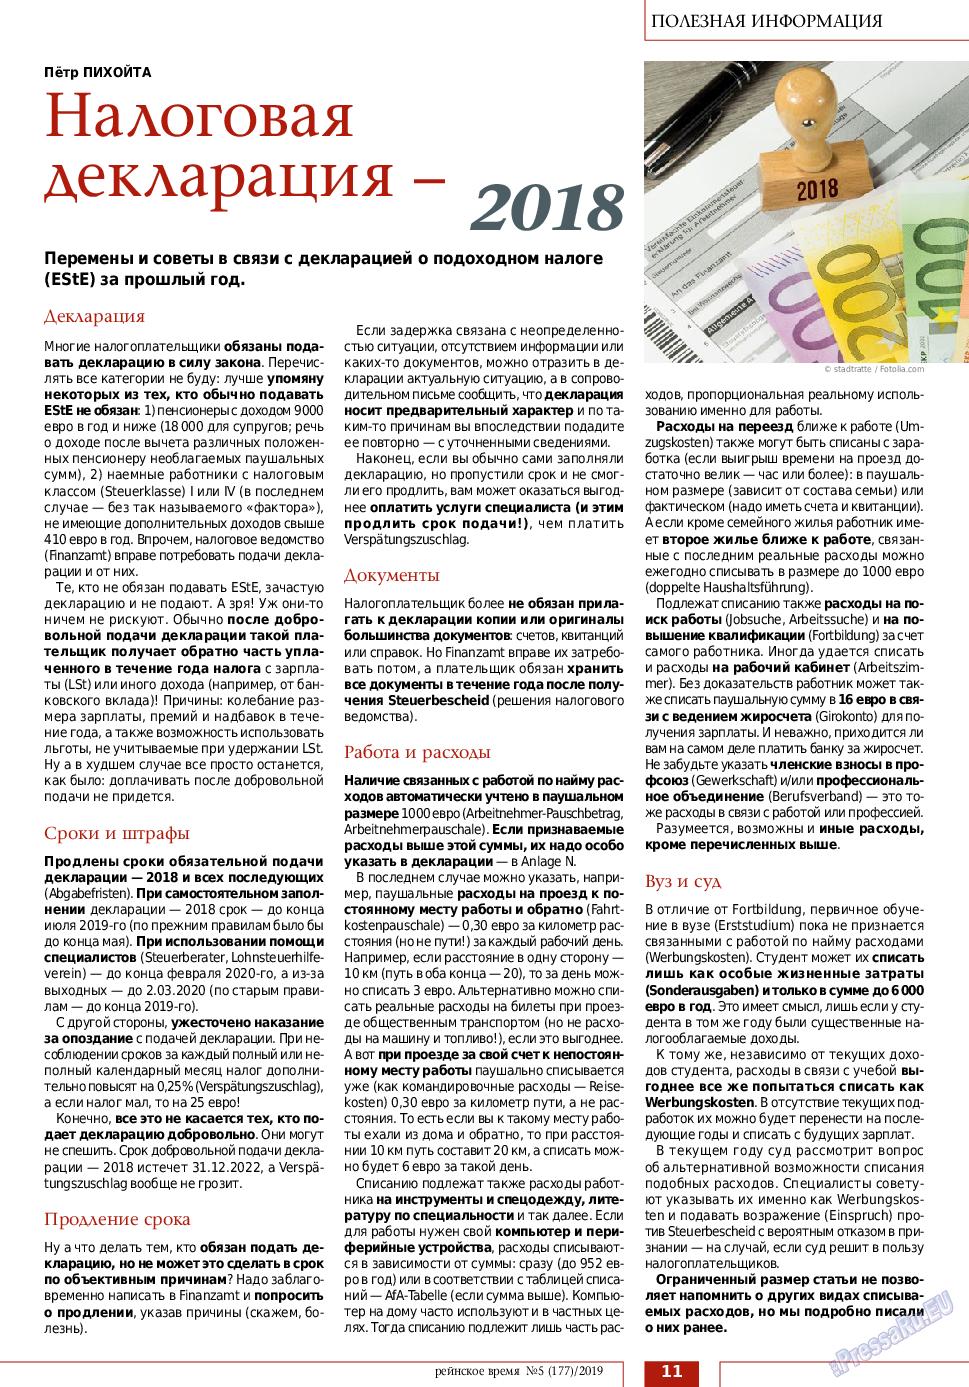 Рейнское время (журнал). 2019 год, номер 5, стр. 11